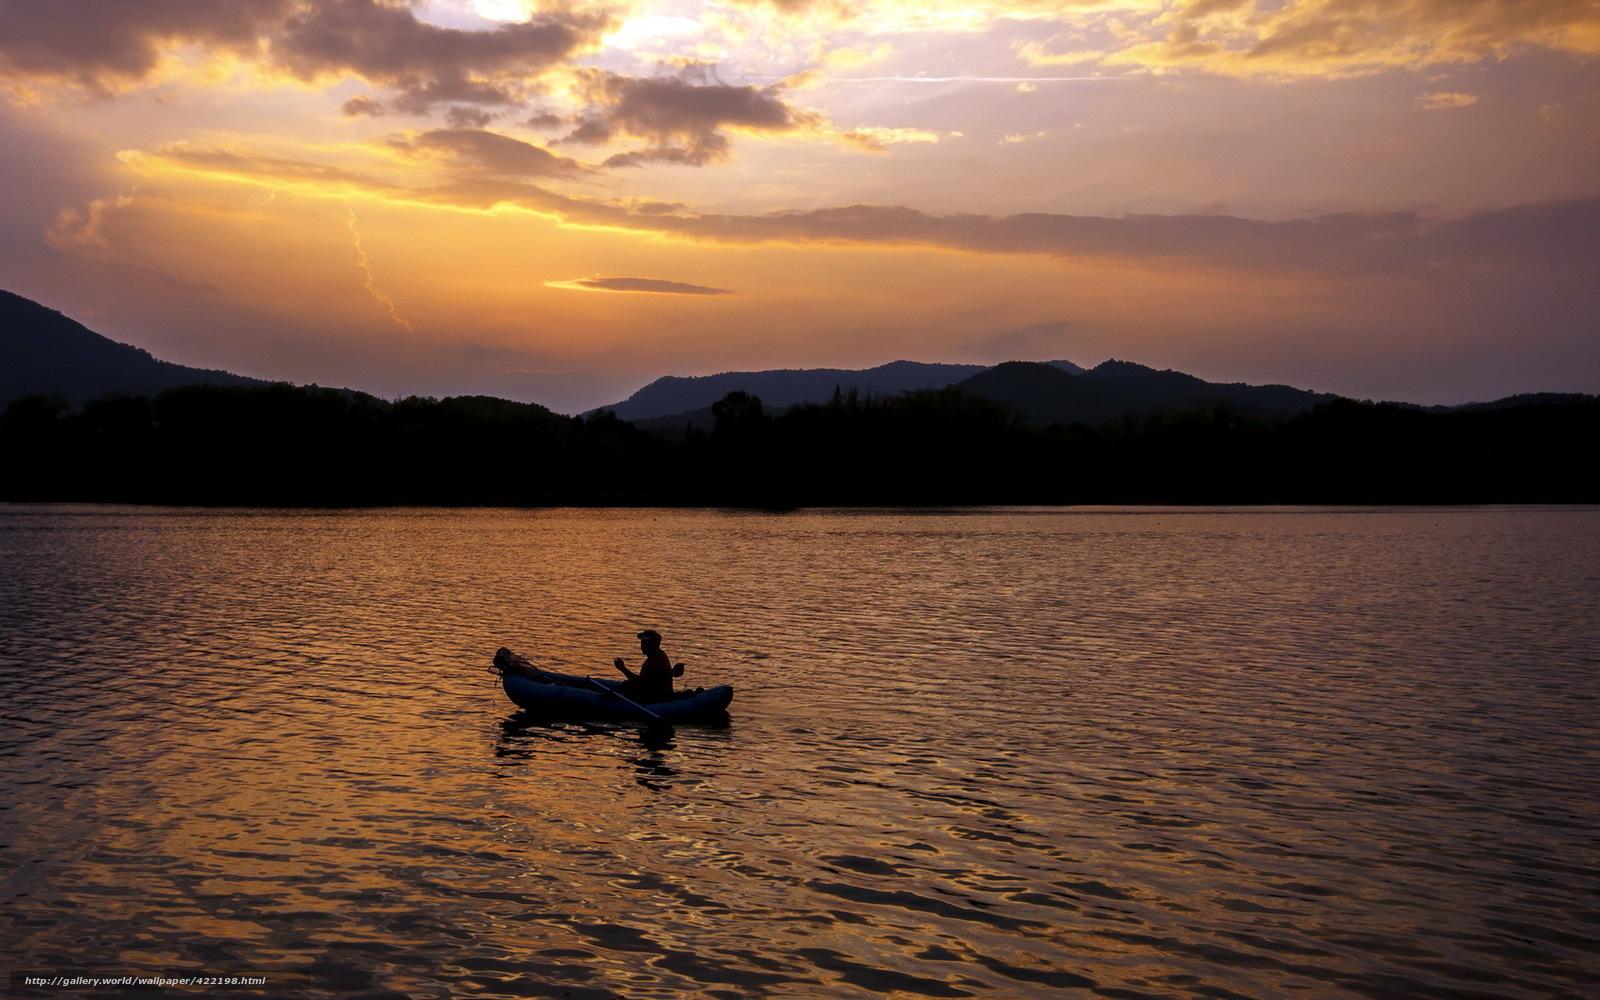 Tlcharger Fond d'ecran nuit,  lac,  bateau,  paysage Fonds d'ecran gratuits pour votre rsolution du bureau 1680x1050 — image №422198